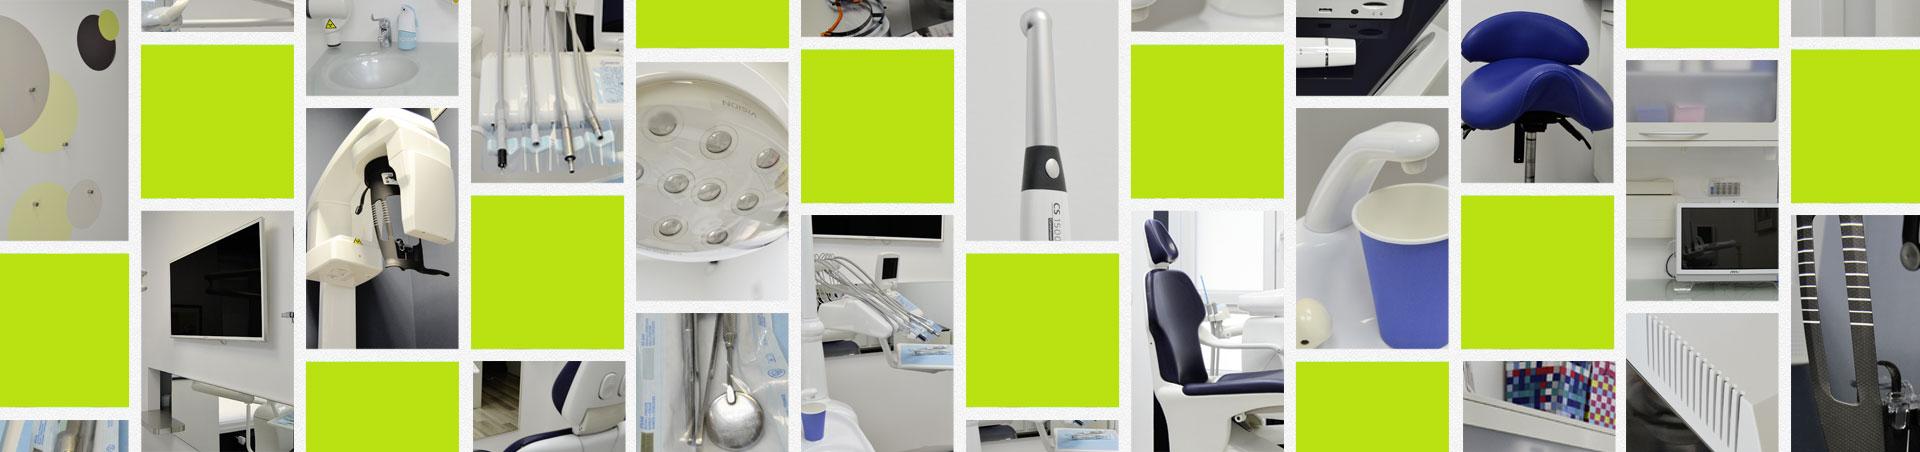 Studio dentistico del Dott. Matteo Patarino - Studio Patarino